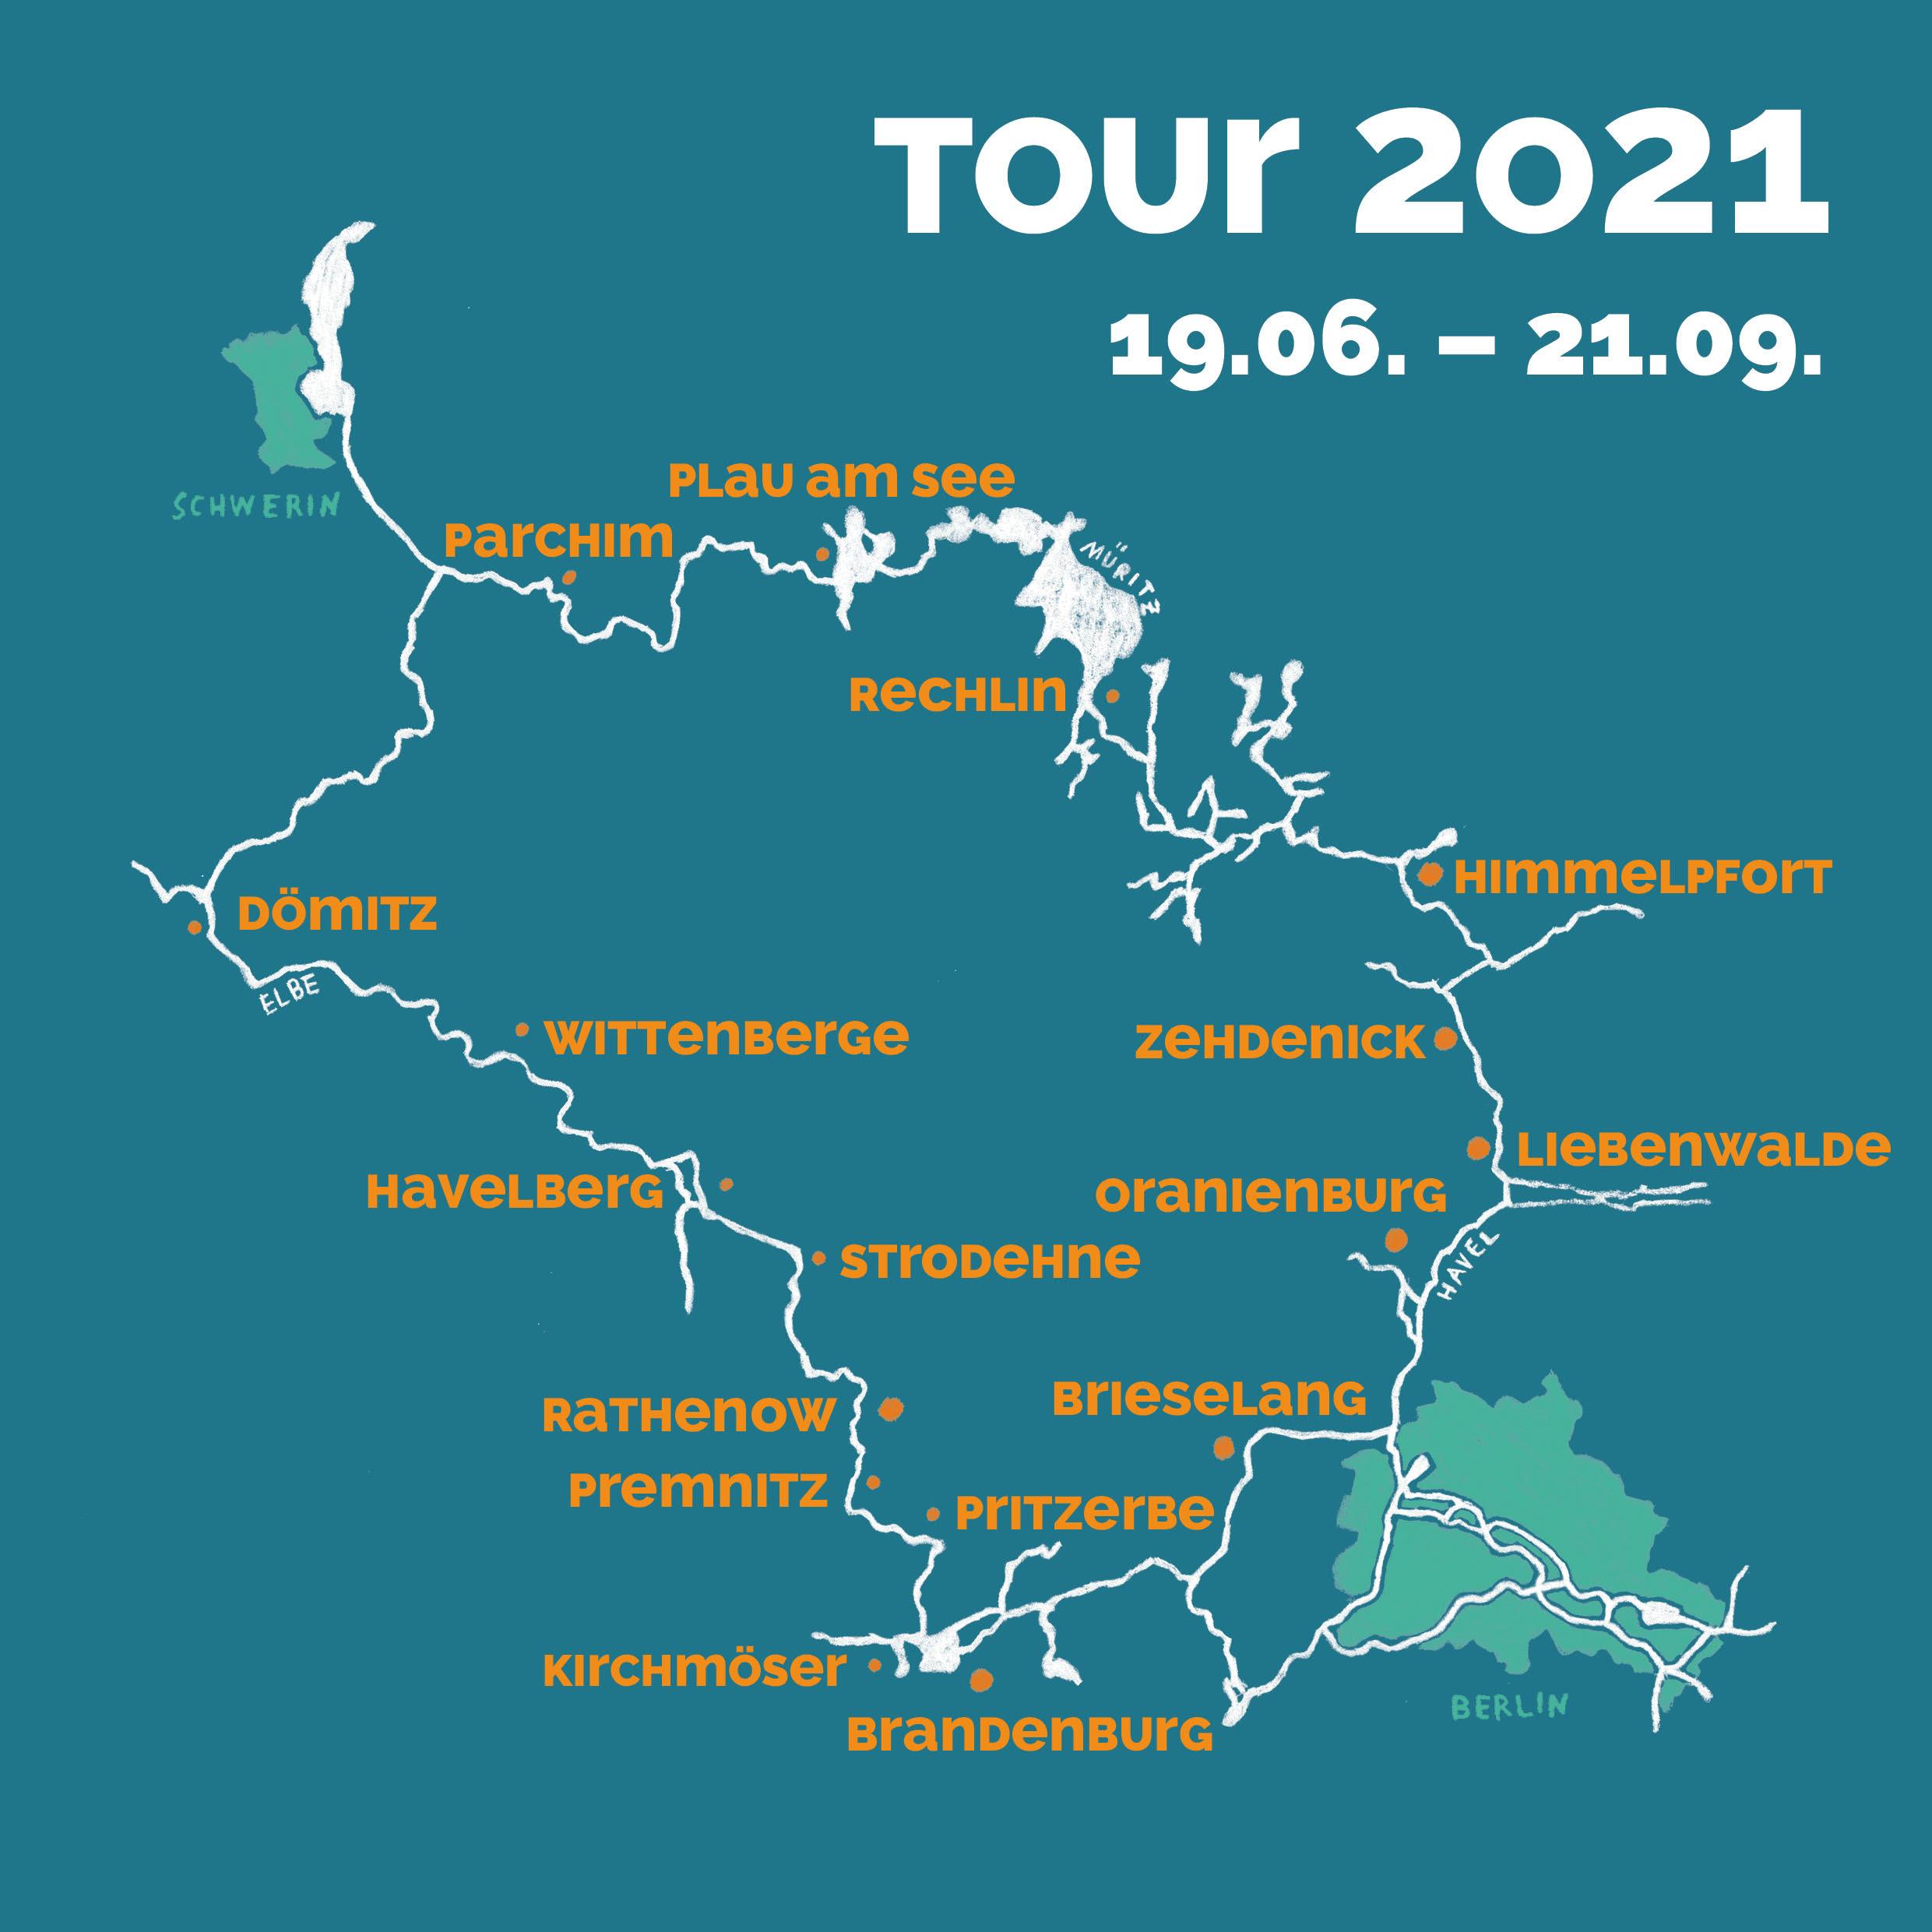 Karte zur Tour 2021